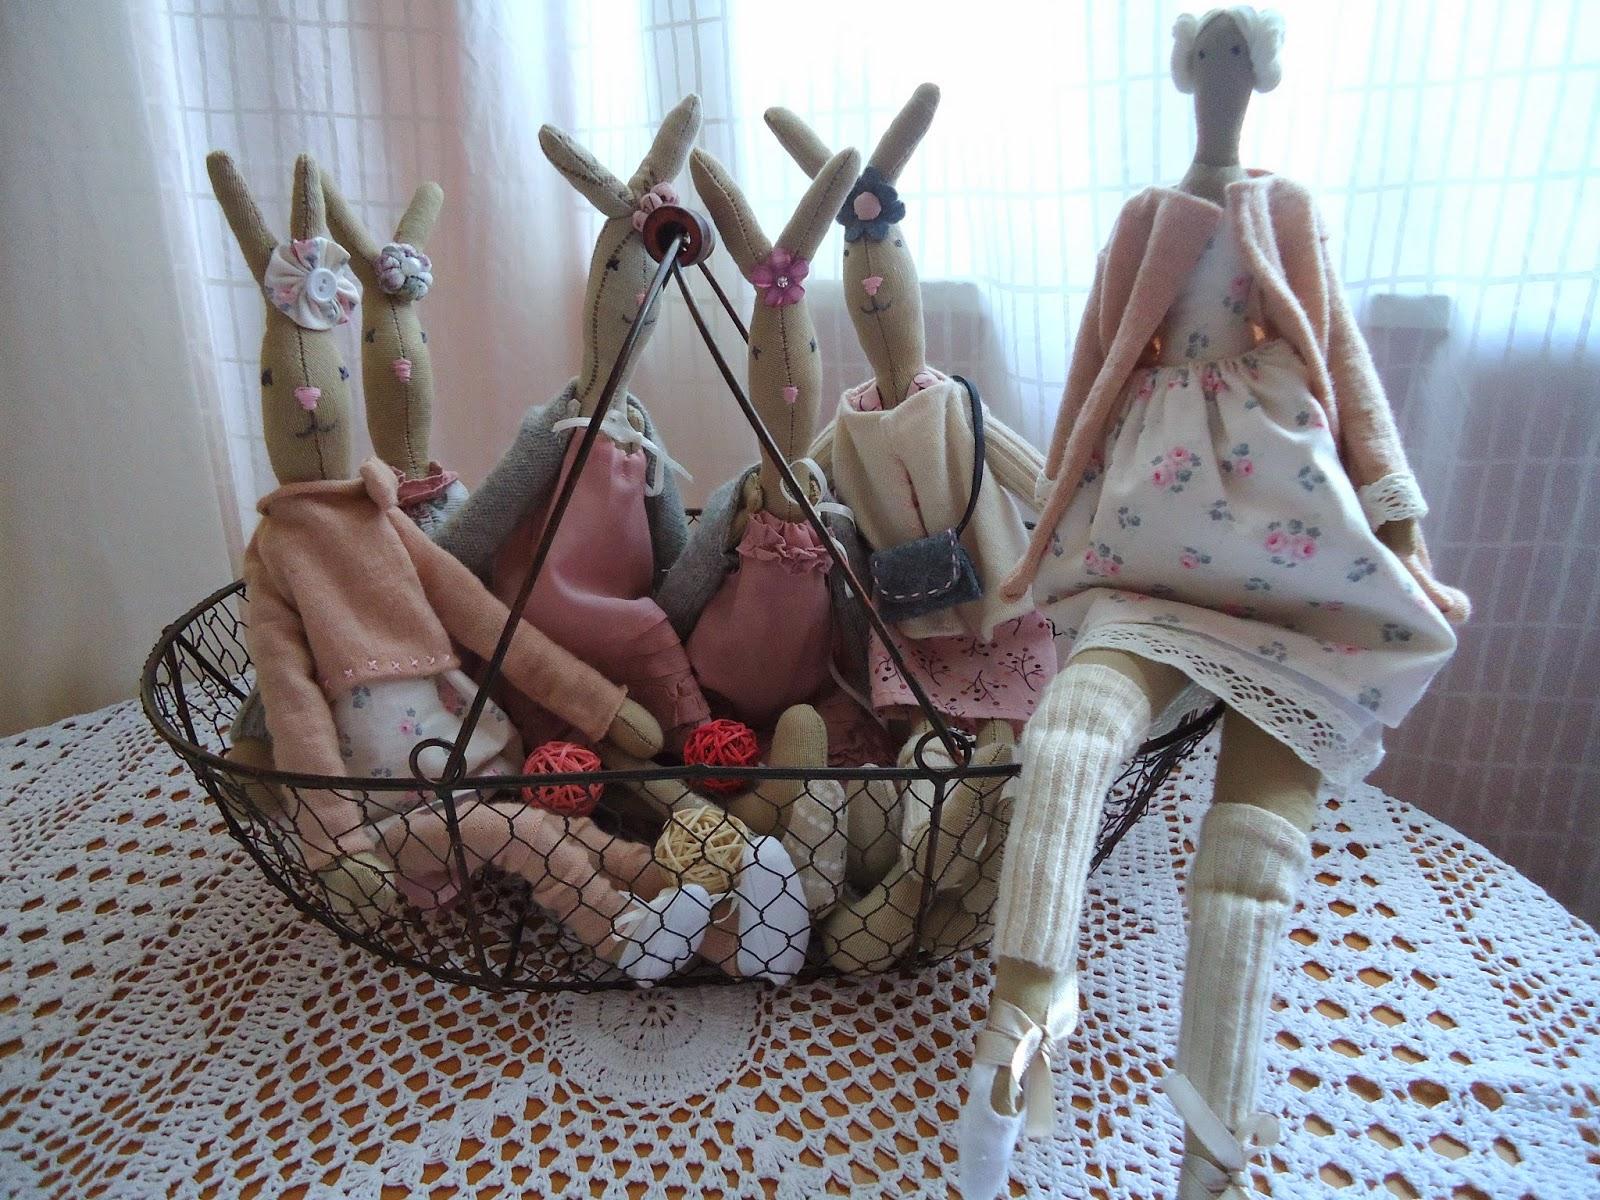 króliczki szyte ręcznie, króliczki w swetrkach i getrach, pastelowe ubranka